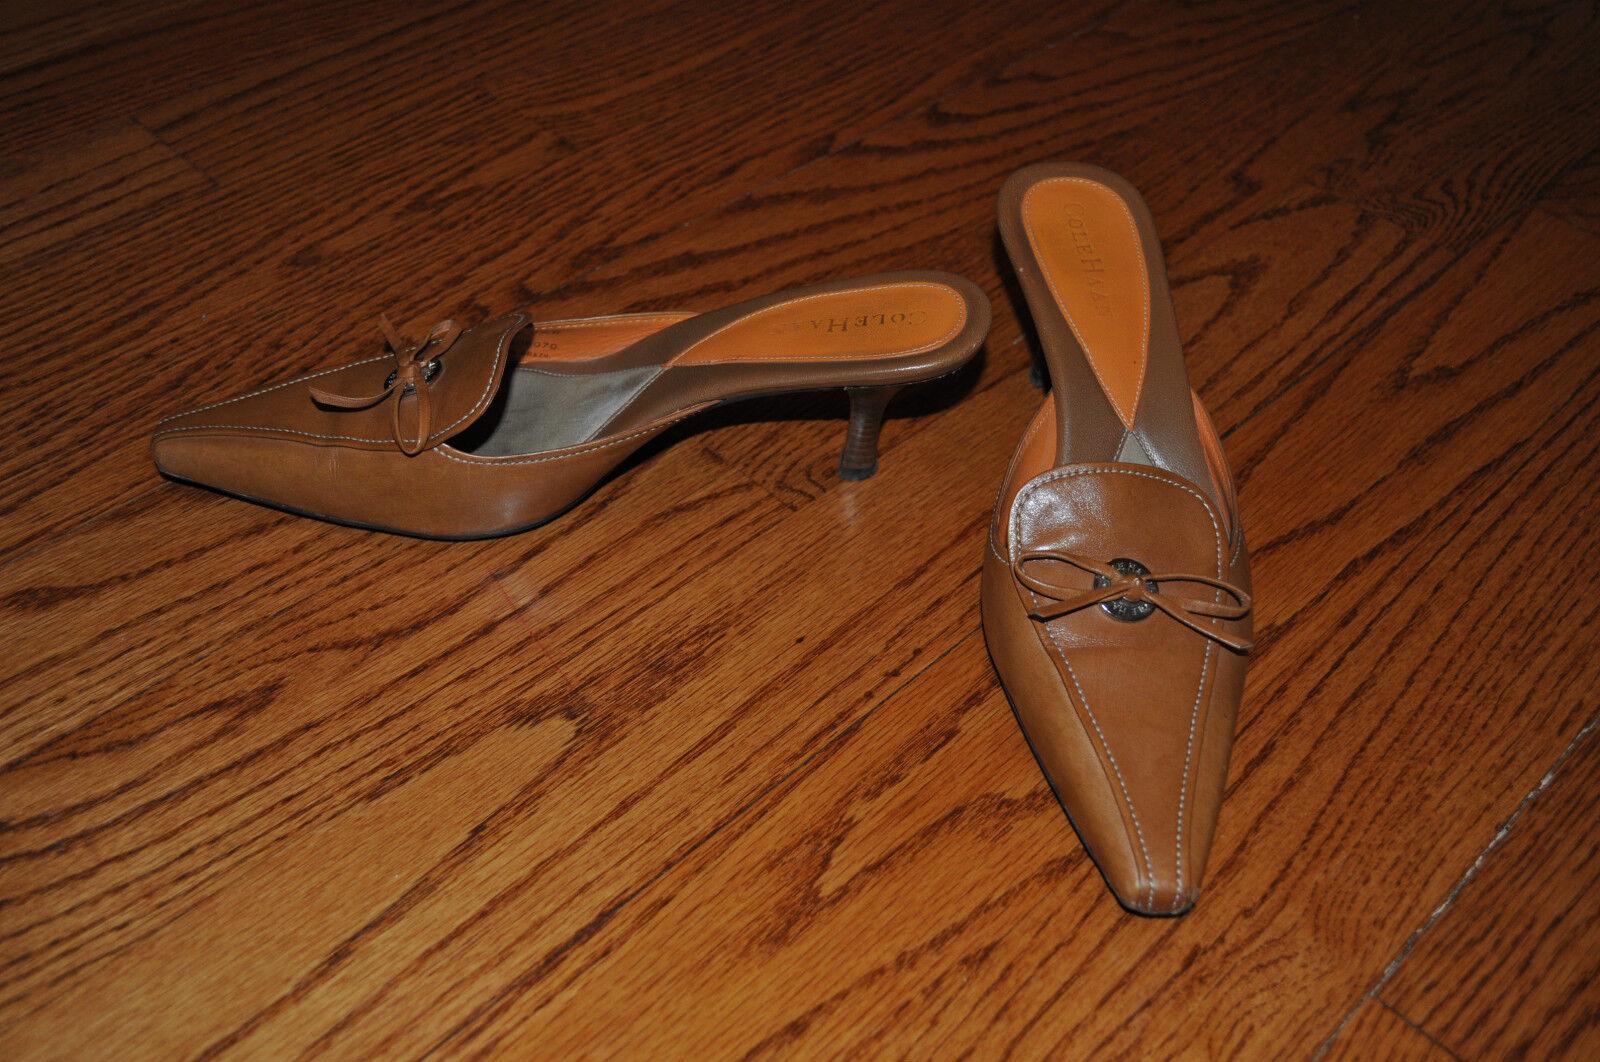 Damenschuhe 8.5 COLE HAAN Braun Leder HEELS Größe 8.5 Damenschuhe M MADE IN BRAZIL 70dc65